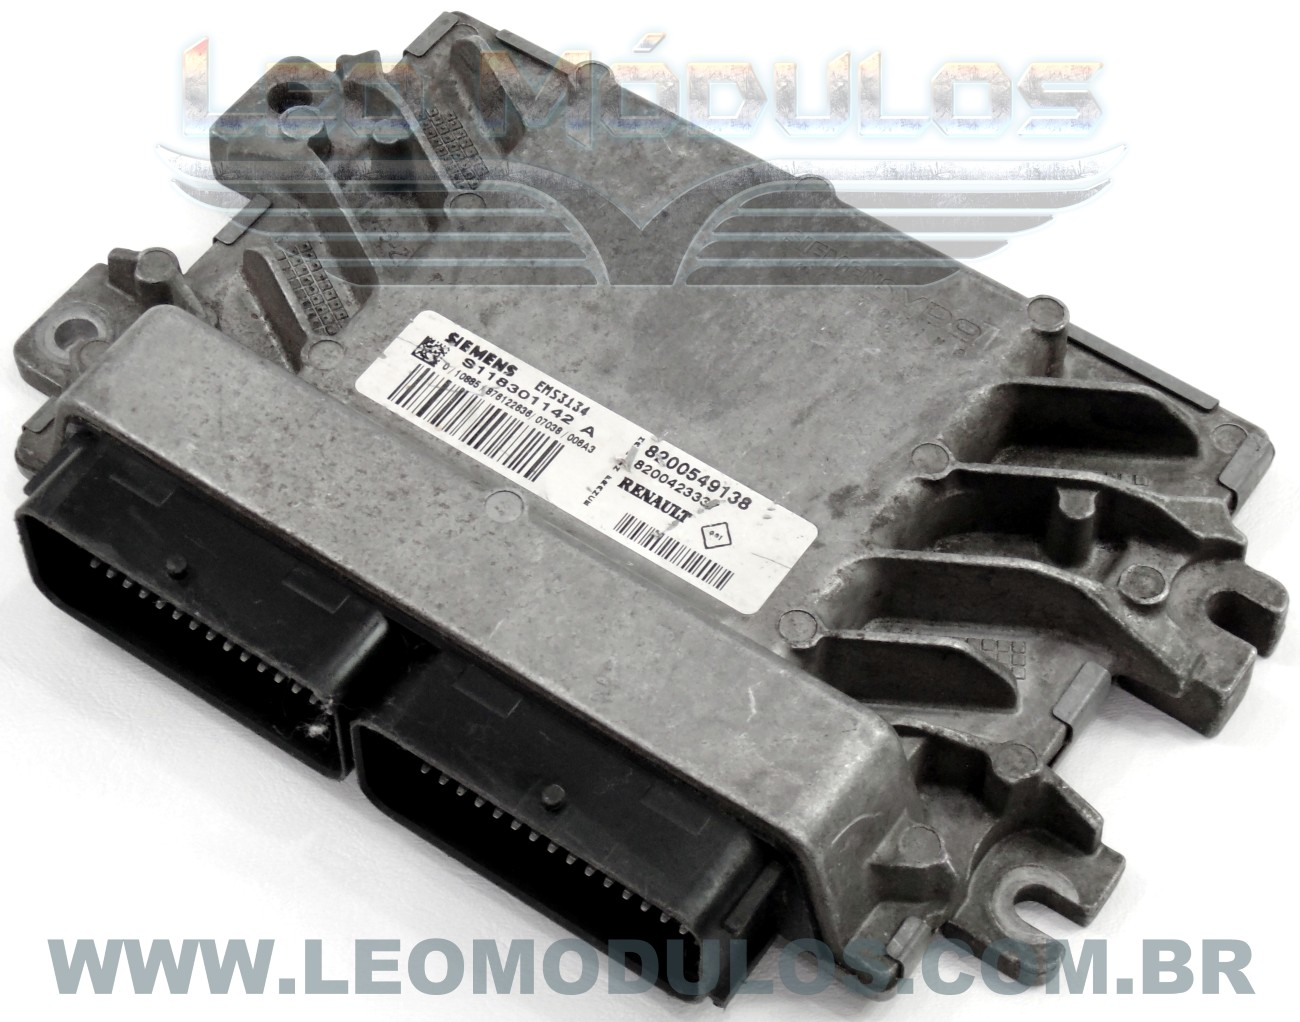 Módulo de injeção siemens EMS3134 - S118301142 A 8200549138 - Renault Scenic 1.6 16V Flex EMS3134 - Leo Módulos